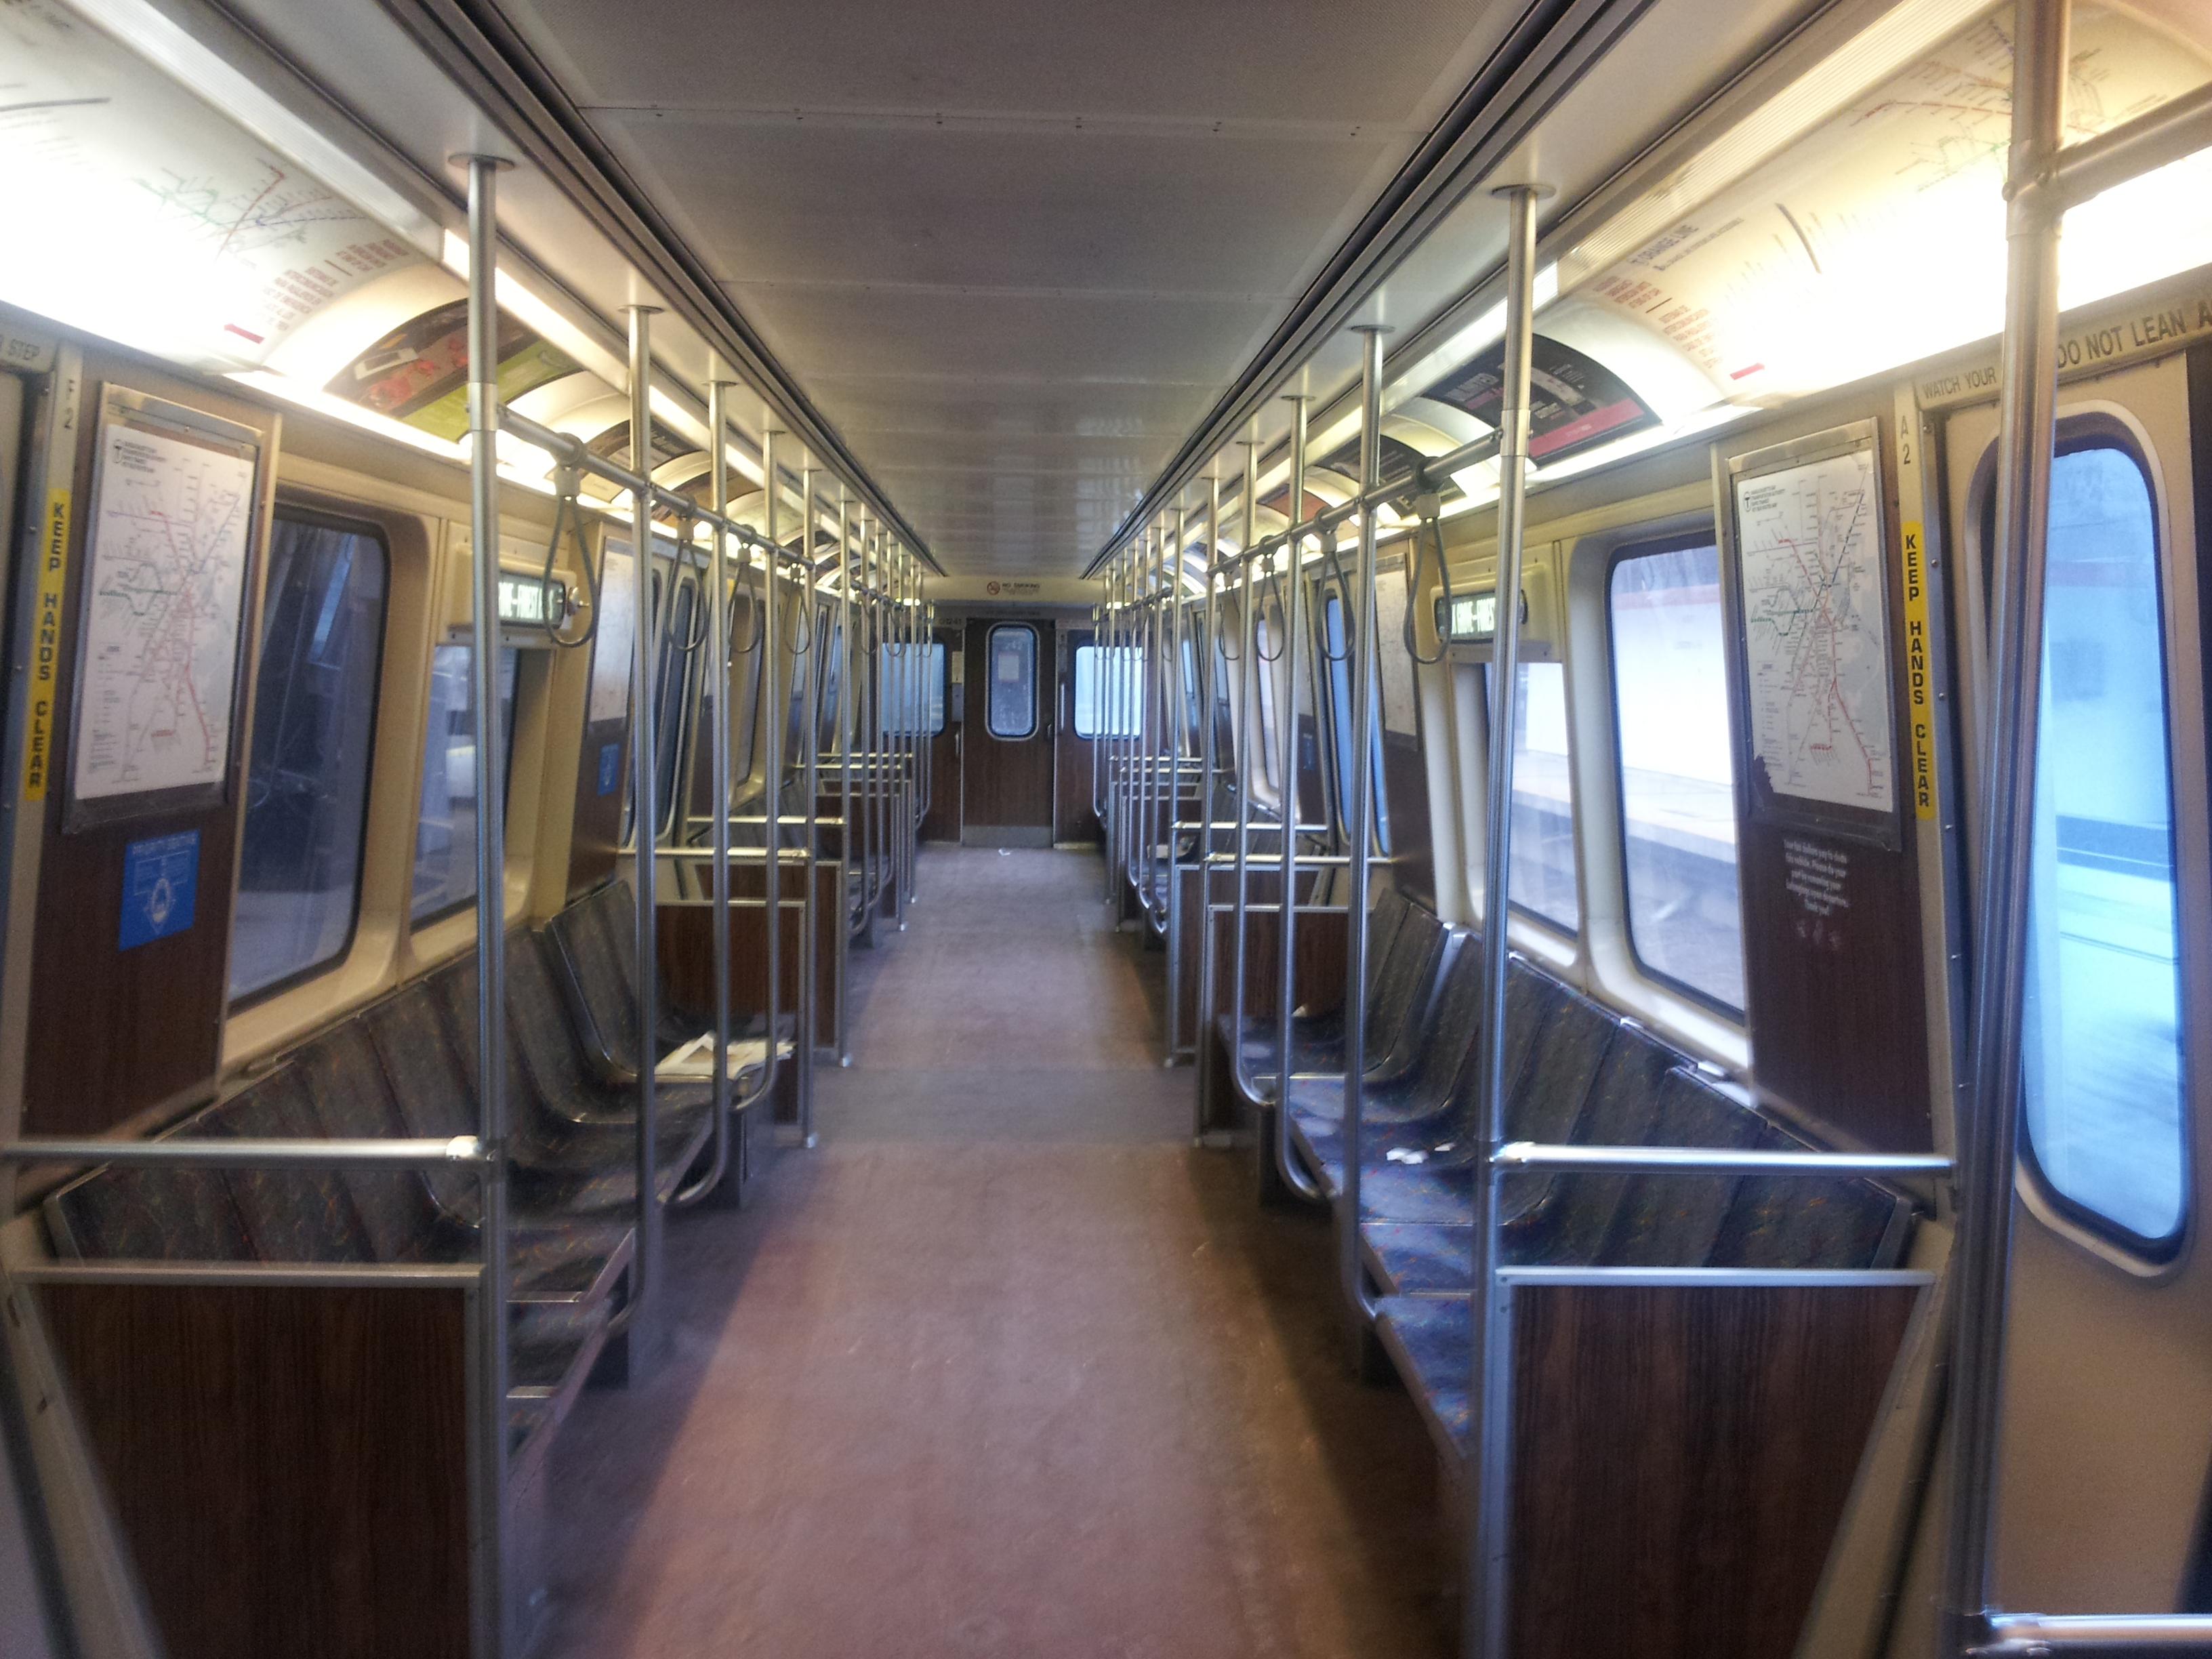 File:Orange line (MBTA) Interior jpg - Wikipedia